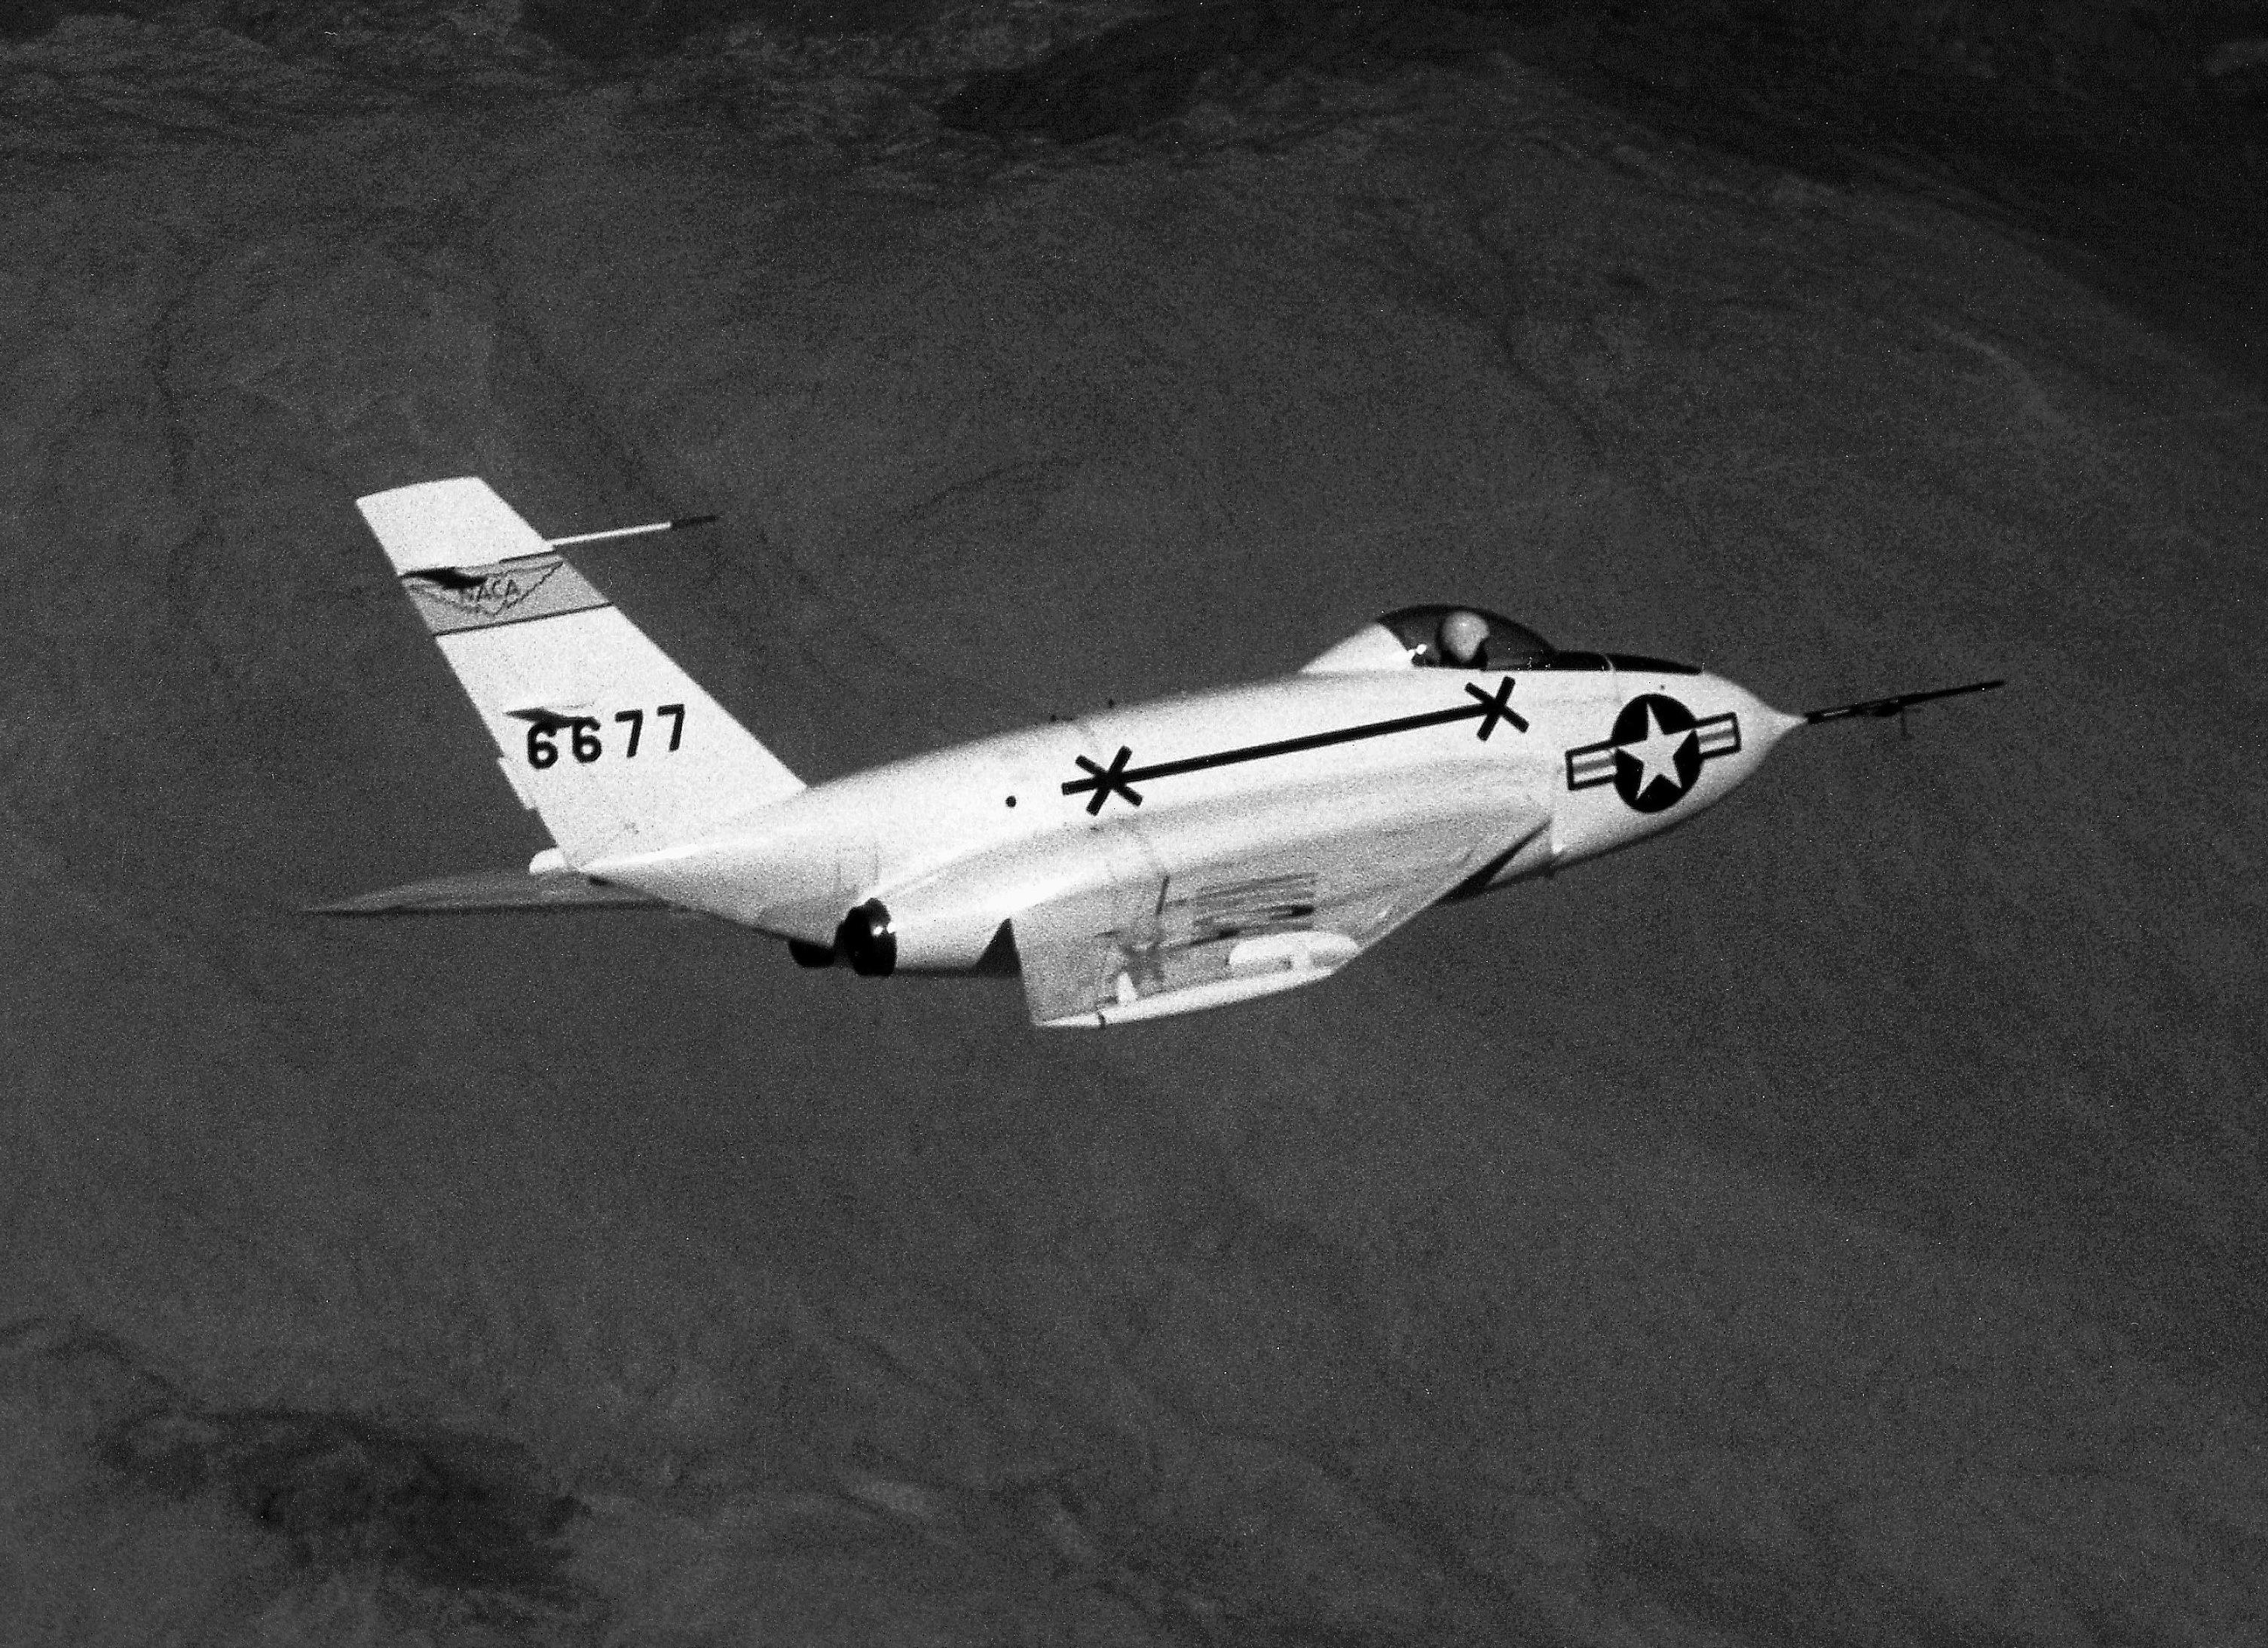 Mach 25 Speed In Mph E